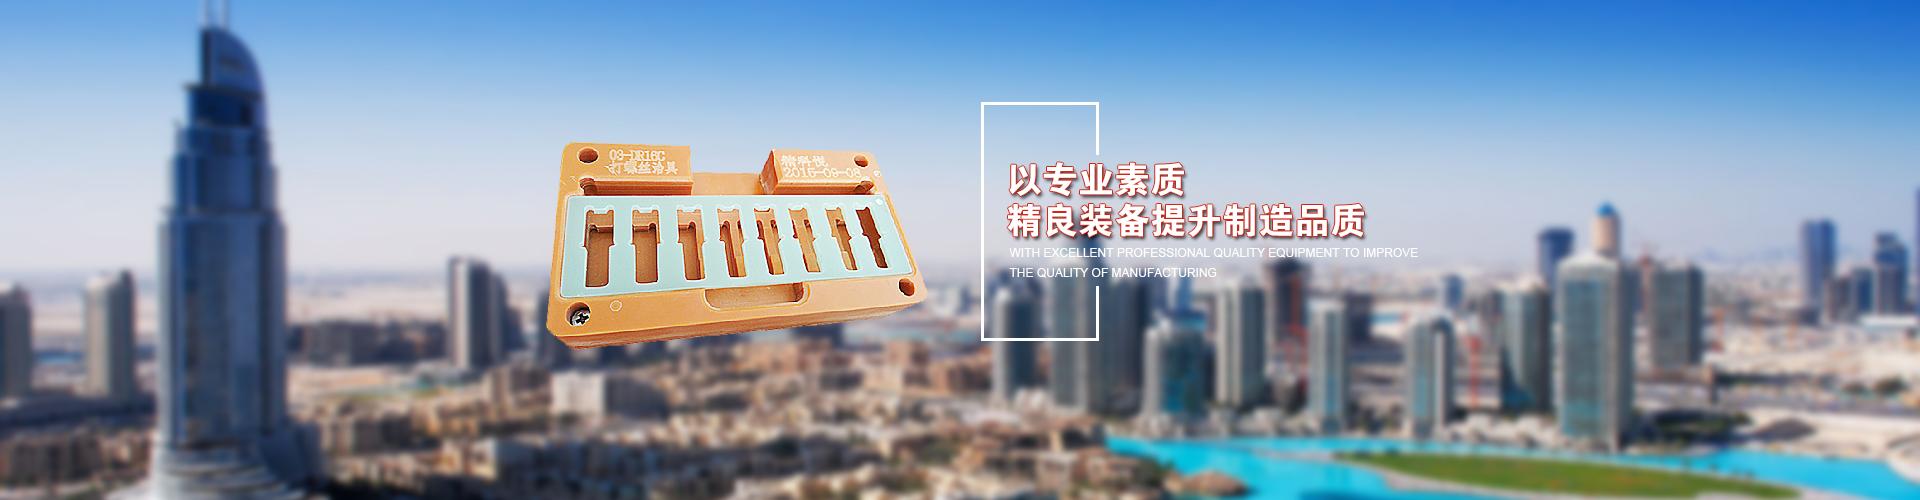 深圳精科悦电子有限公司